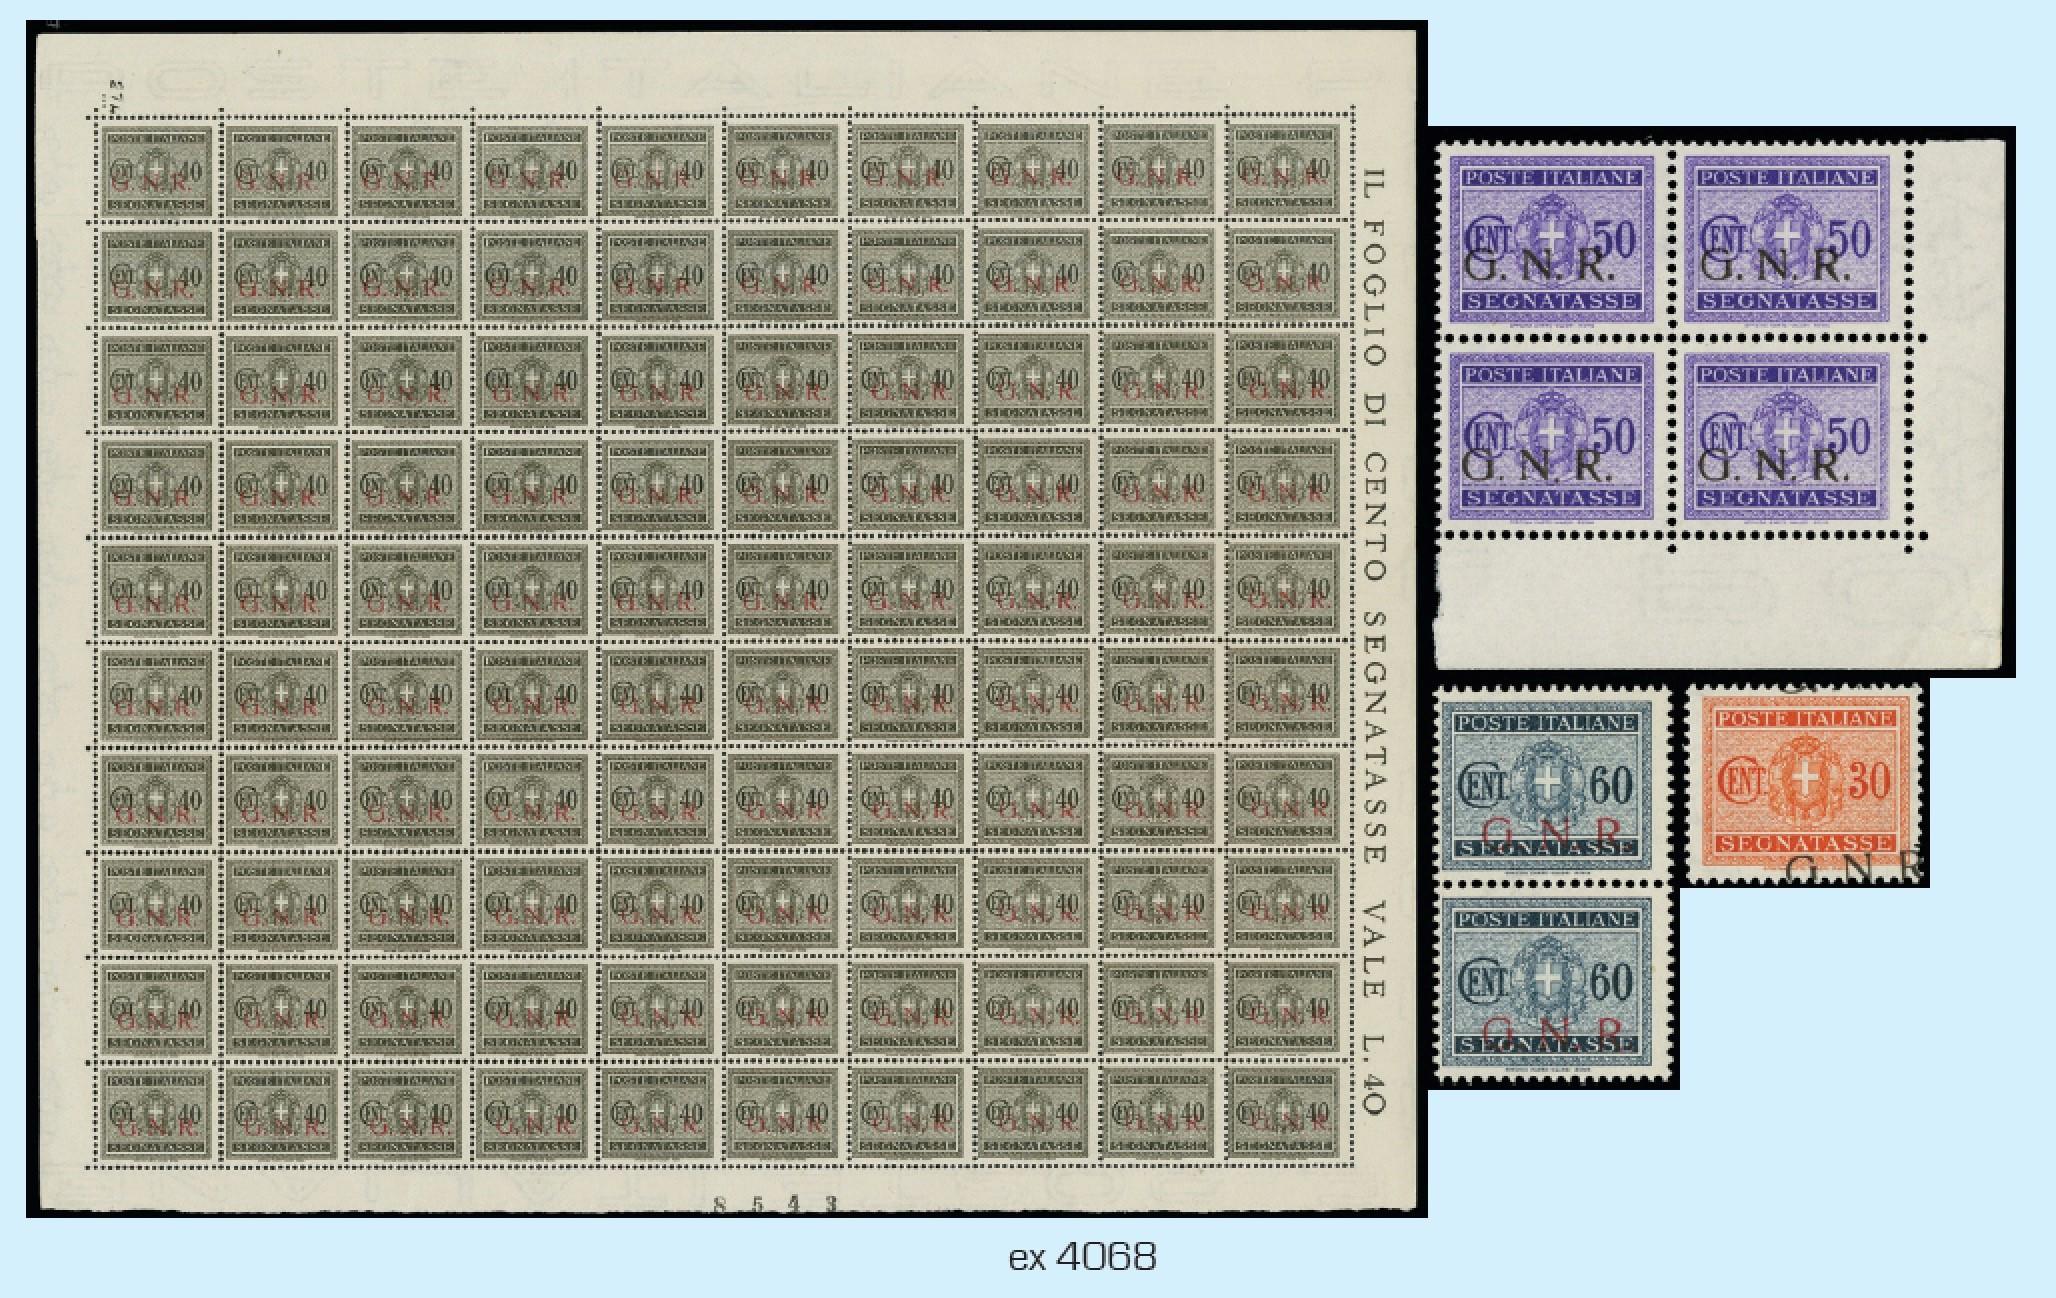 Lot 4068 - ITALIA RSI lotti e collezioni -  Zanaria Aste s.r.l. 9th Philatelic Auction